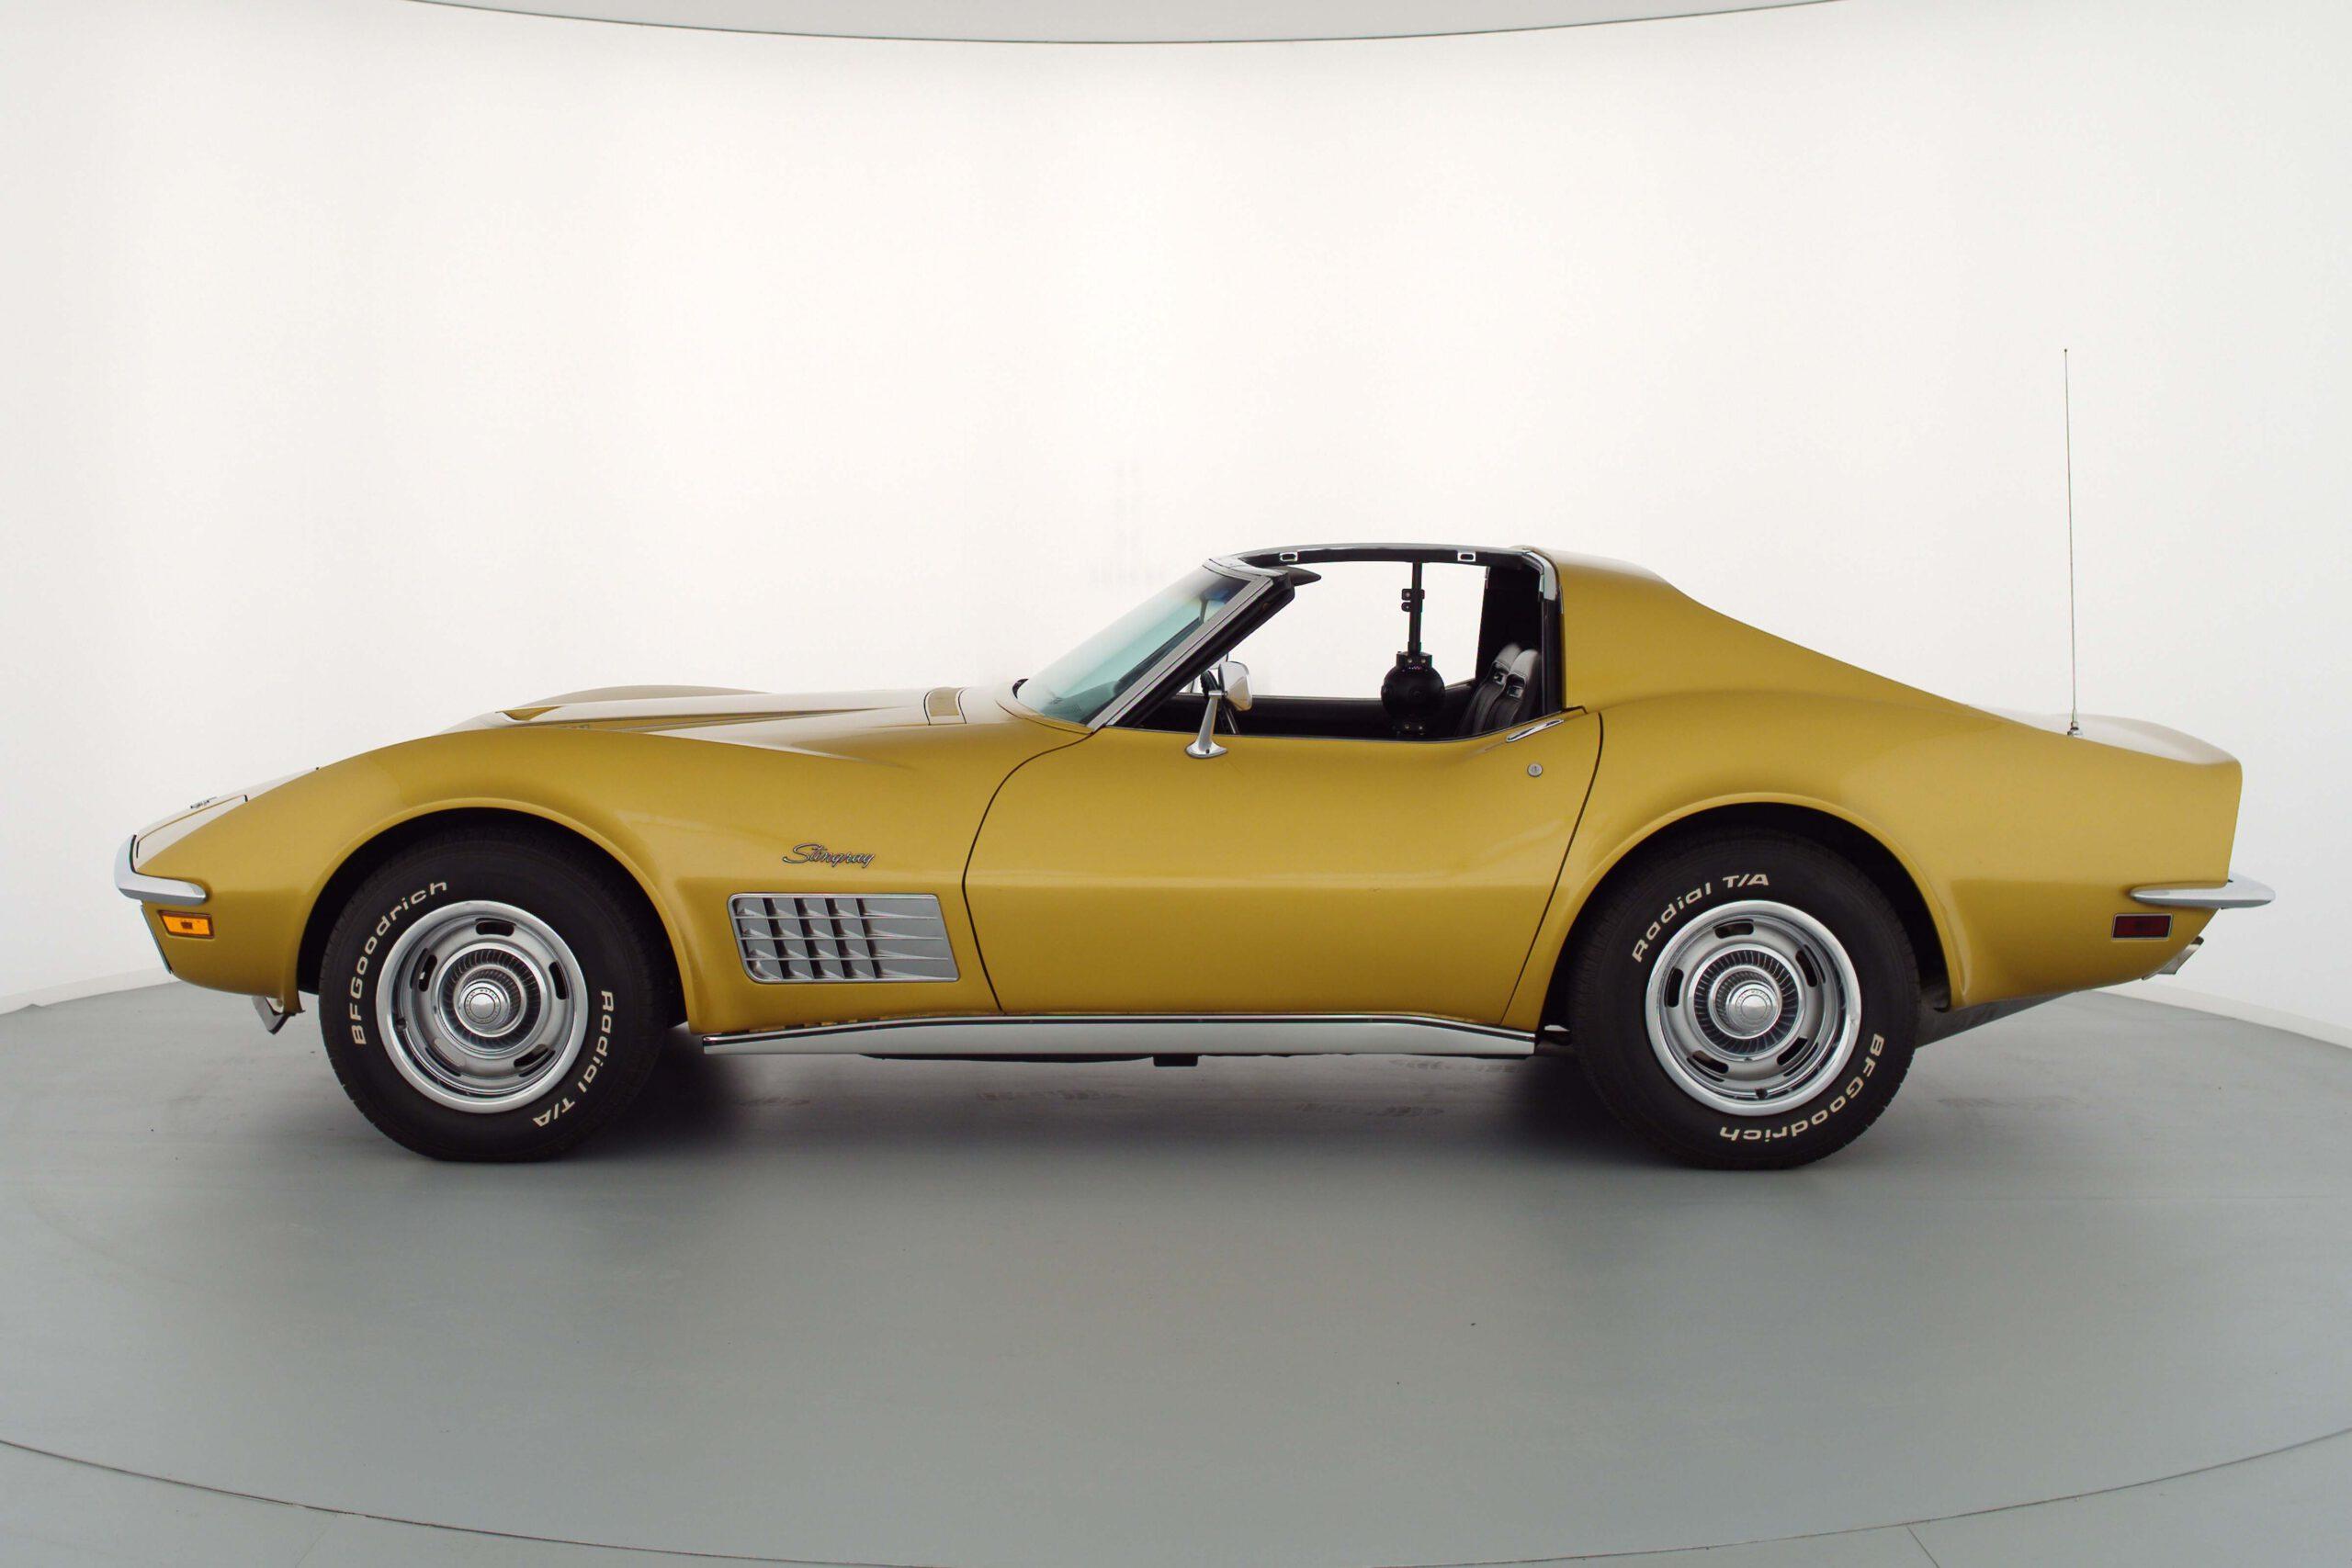 Corvette C3 LT-1